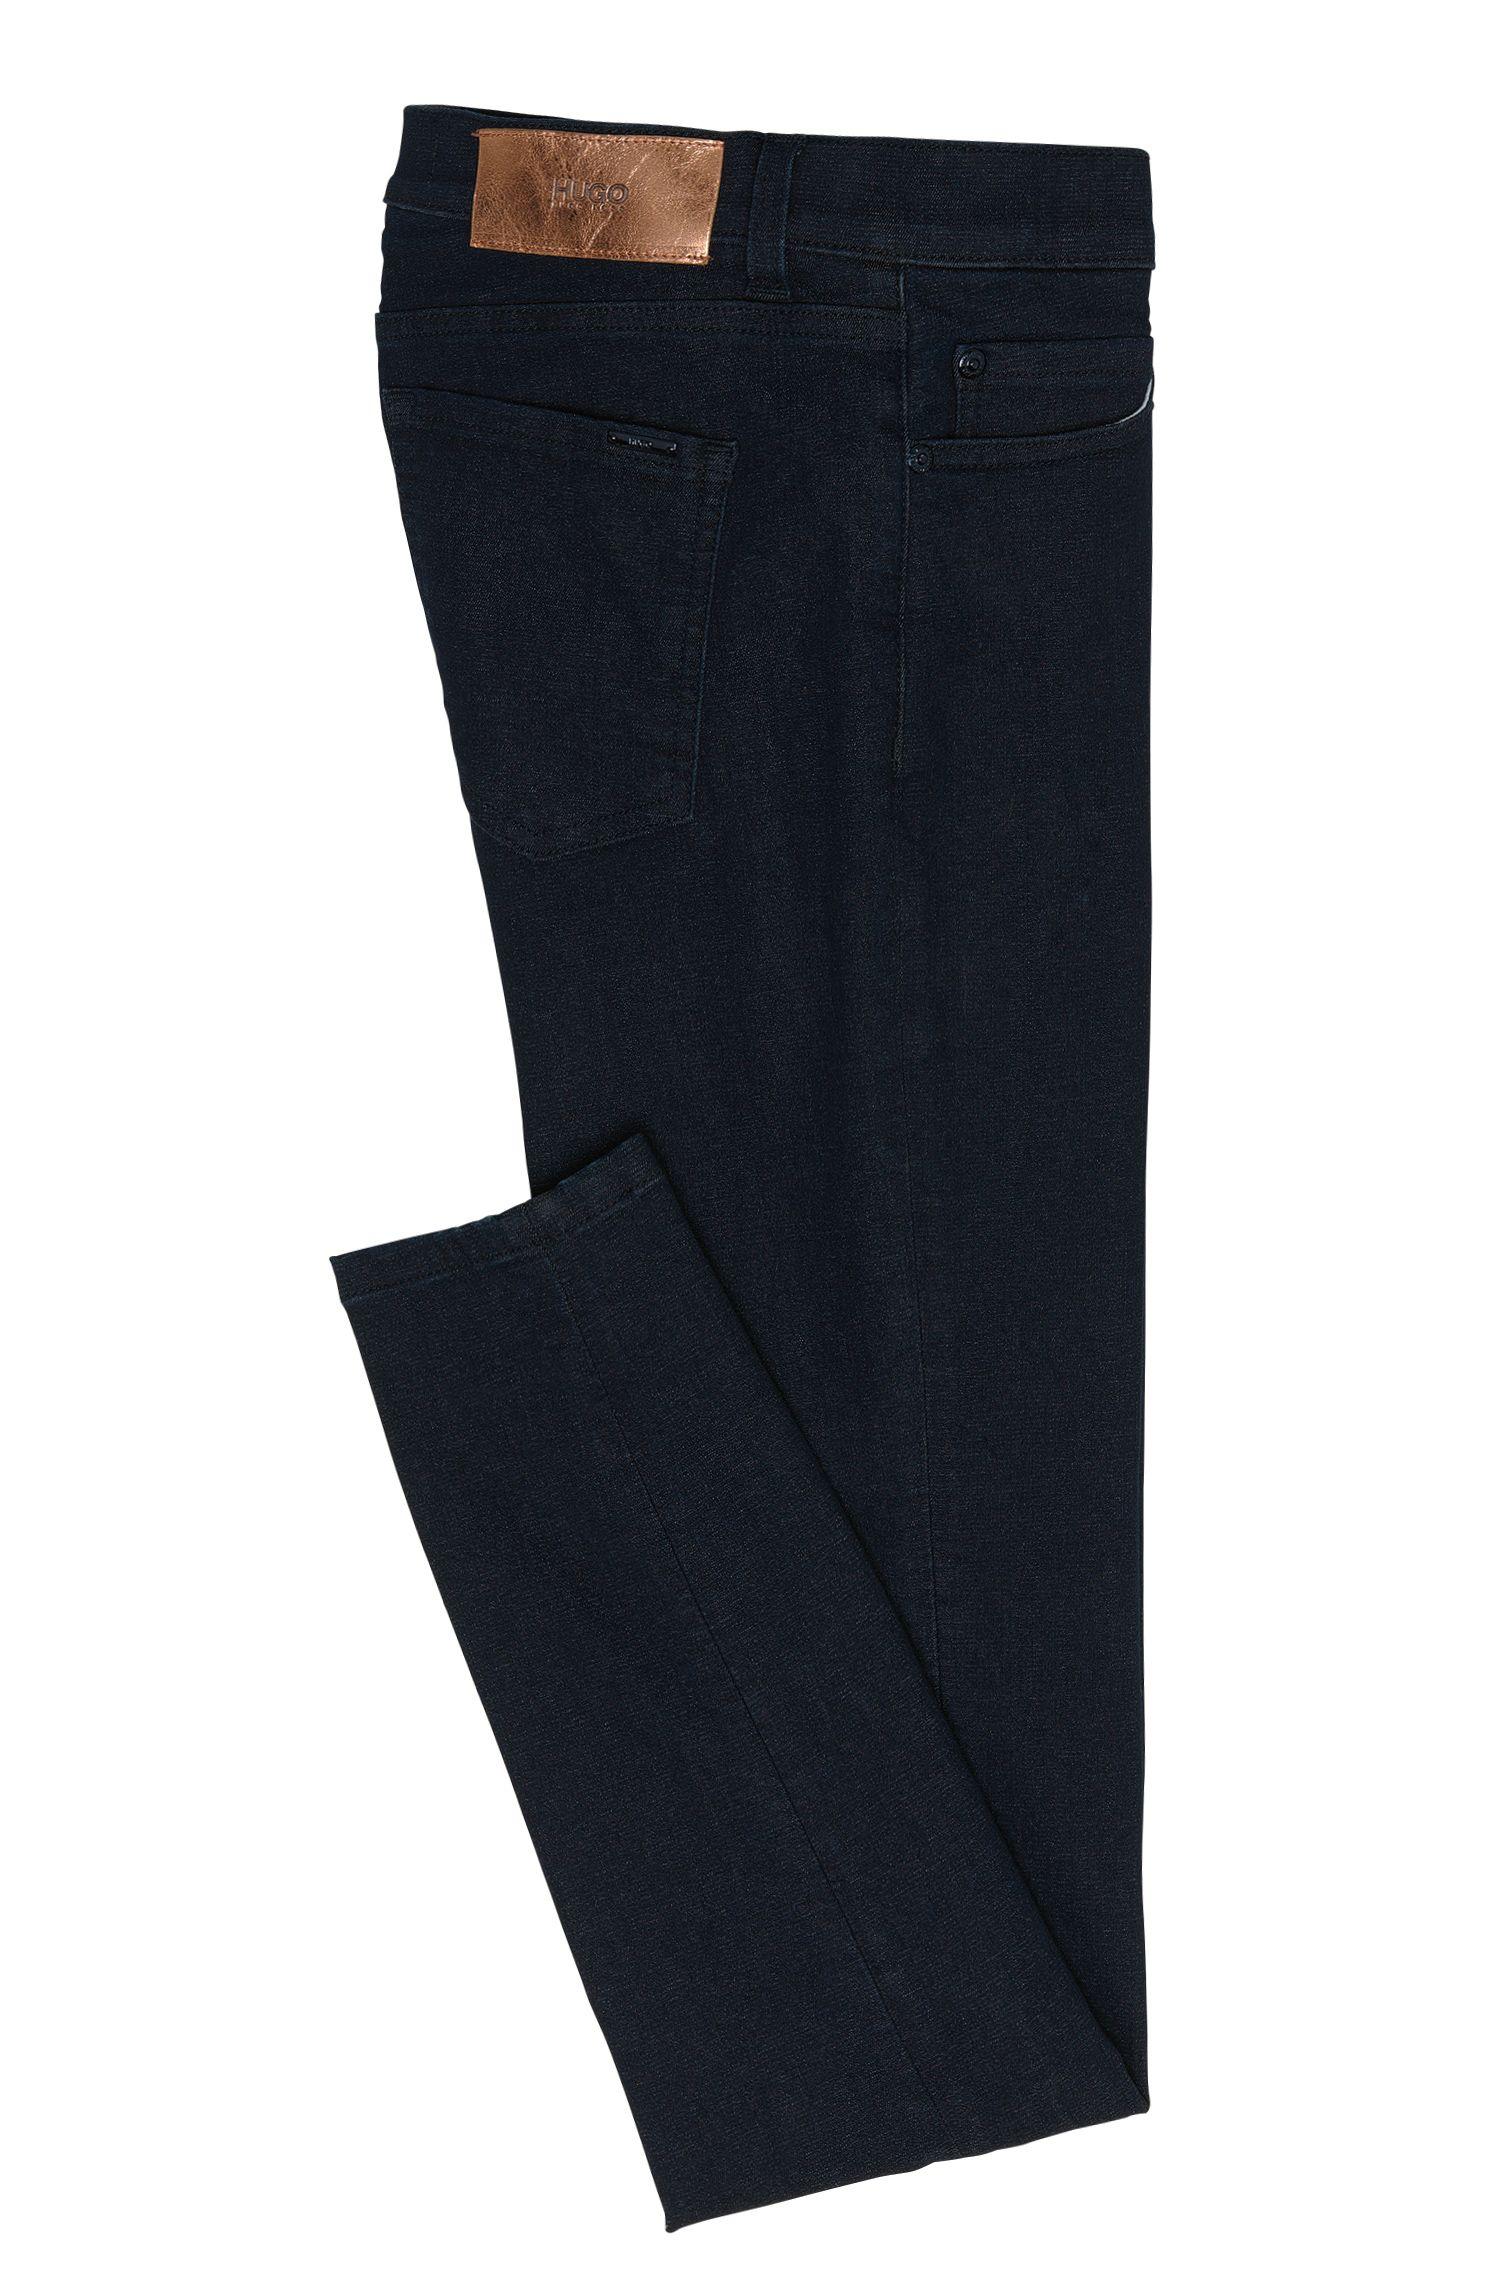 High Waist-Fit Jeans aus Baumwoll-Mix in Cropped-Länge: 'Gerna Highwaist Skinny Leg'